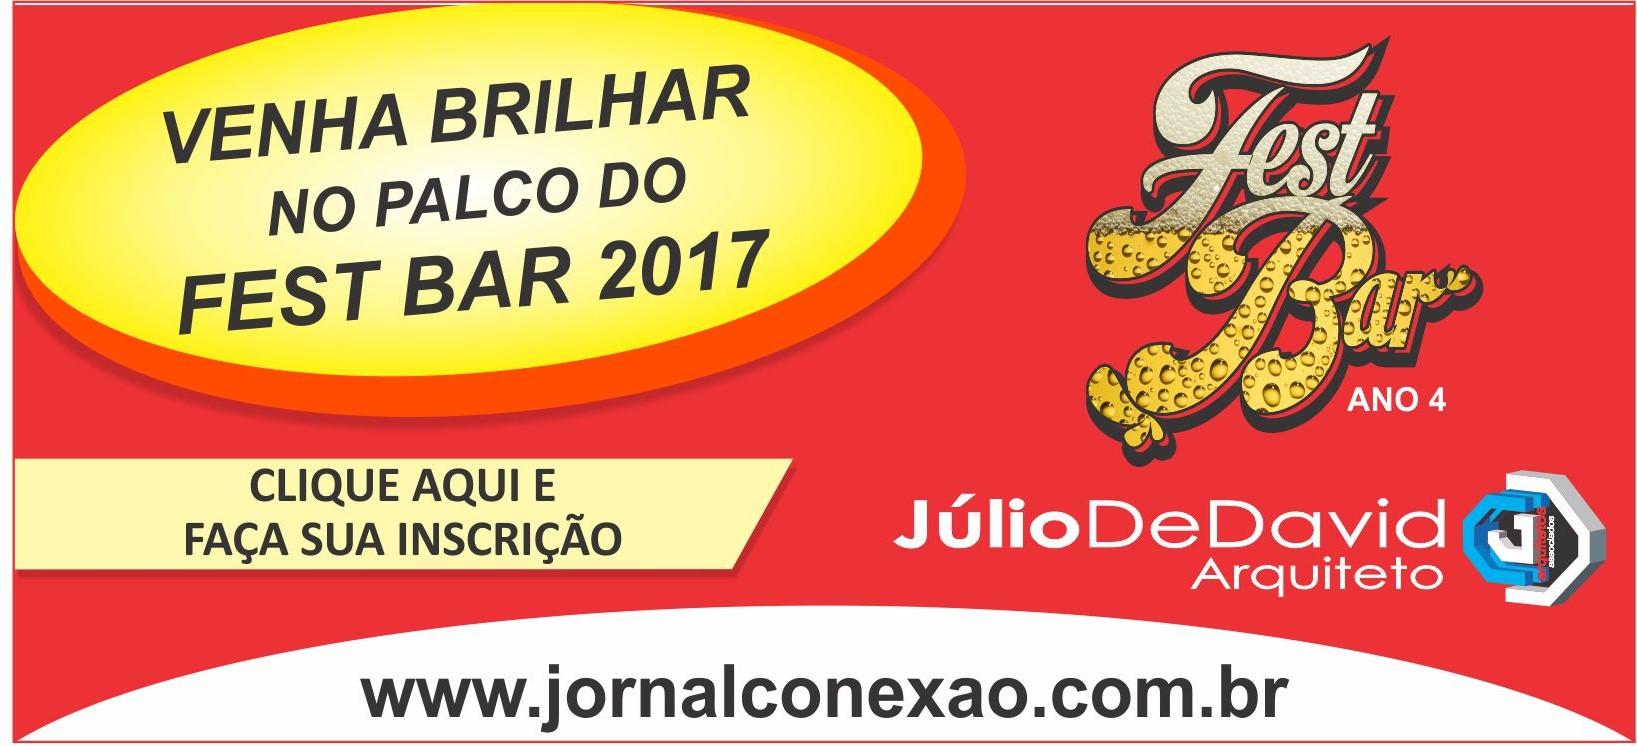 FEST BAR DIVULGAÇÃO SITE JORNAL CONEXÃO LATERAL